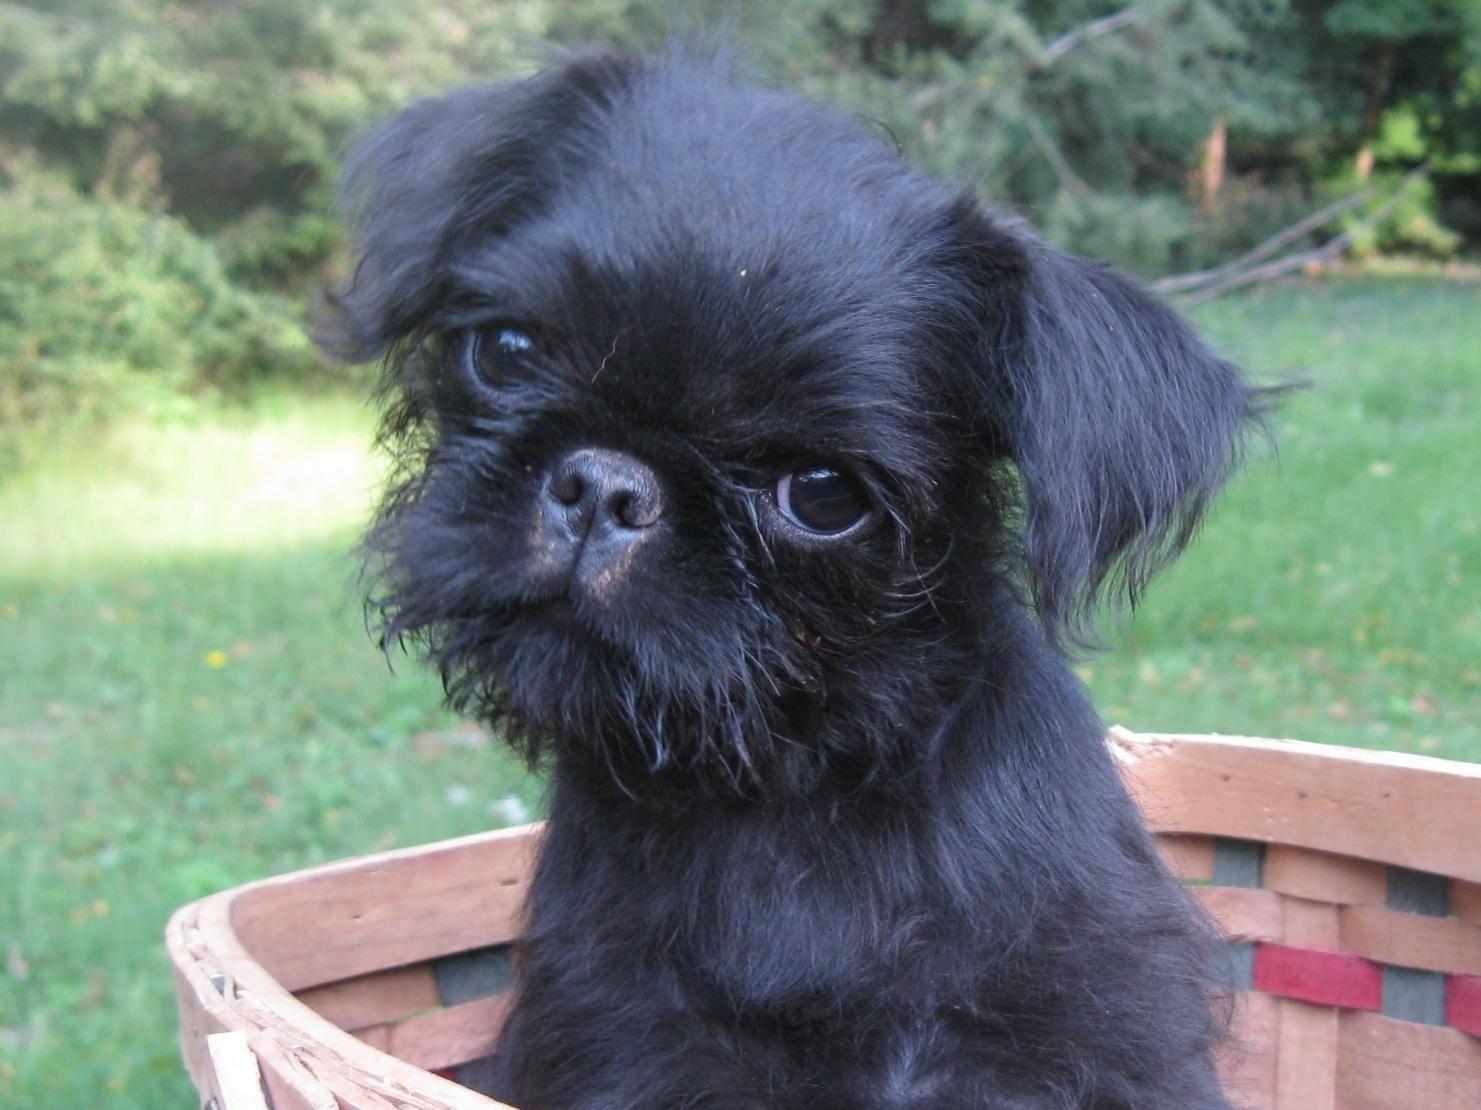 Black Brussels Griffon puppy in a basket Brussels